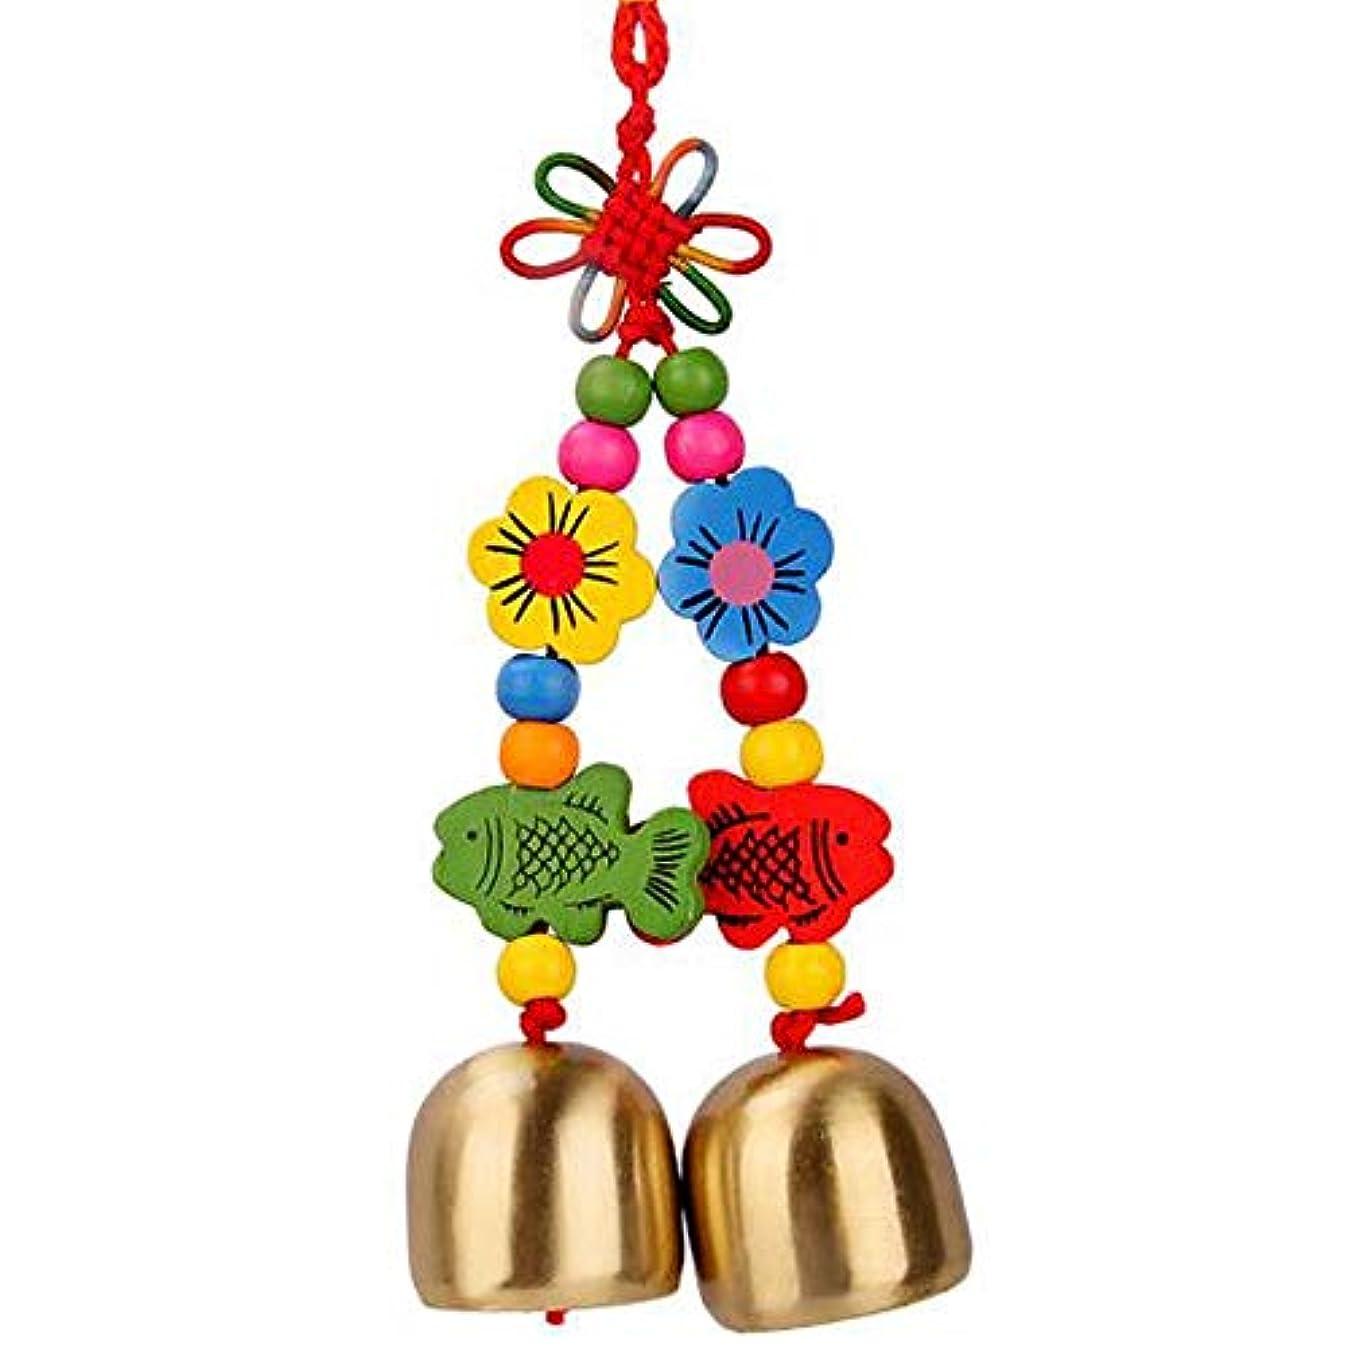 ふさわしい配管工候補者Jielongtongxun 風チャイム、中国のノット銅鐘ホーム車の装飾、ゴールド、全長約22CM,絶妙な飾り (Color : B)